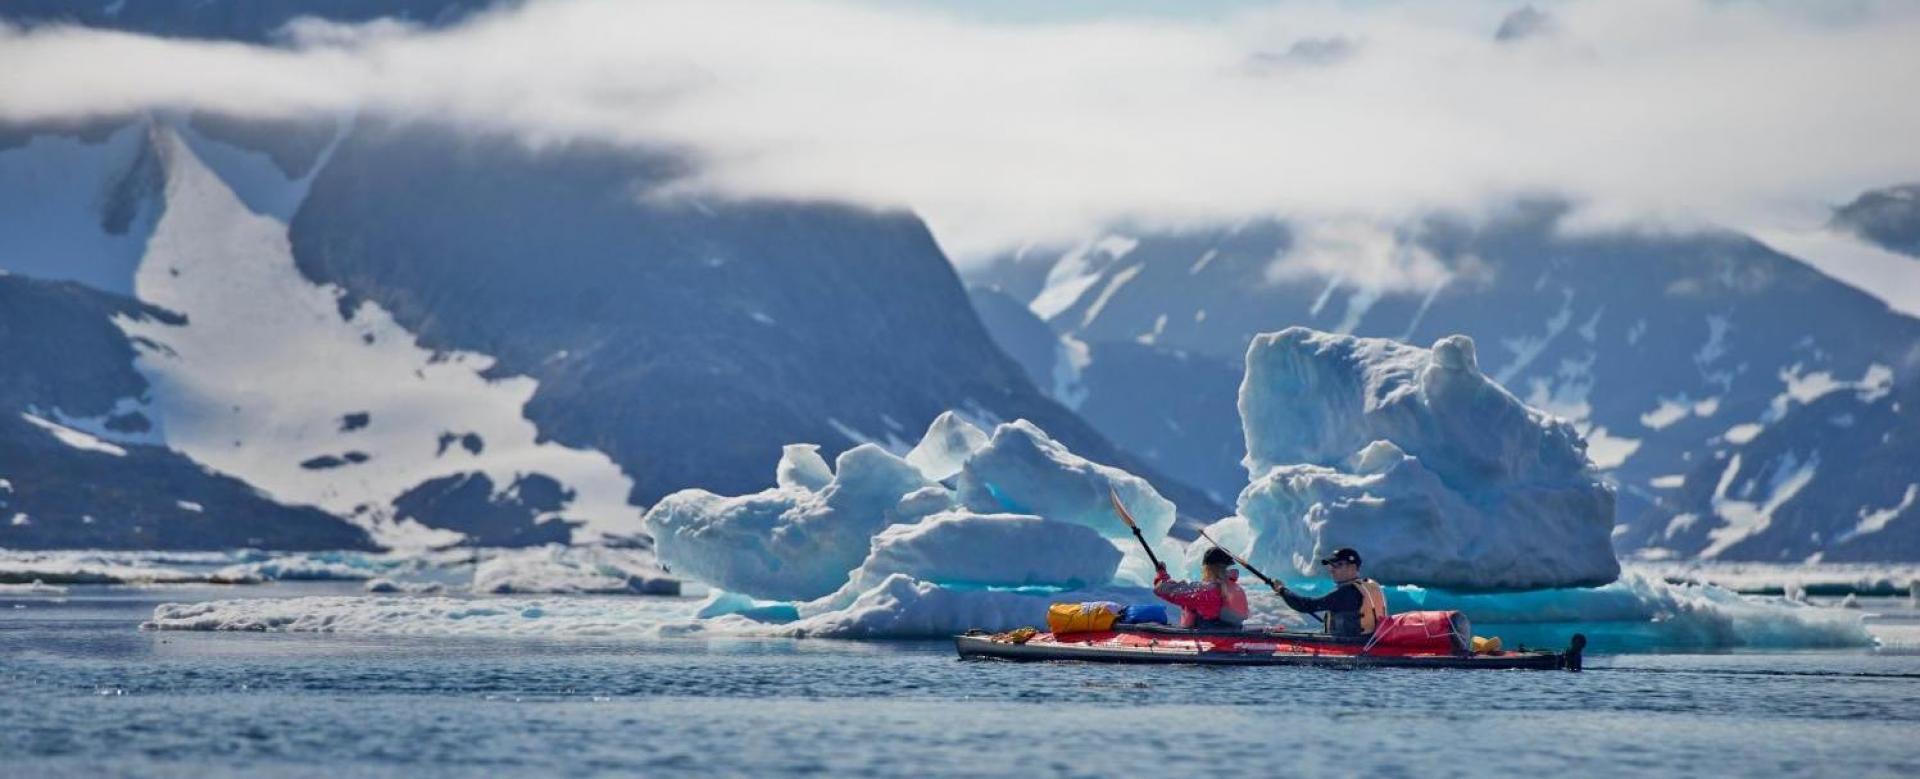 Voyage sur l'eau Groenland : Solitudes glacées